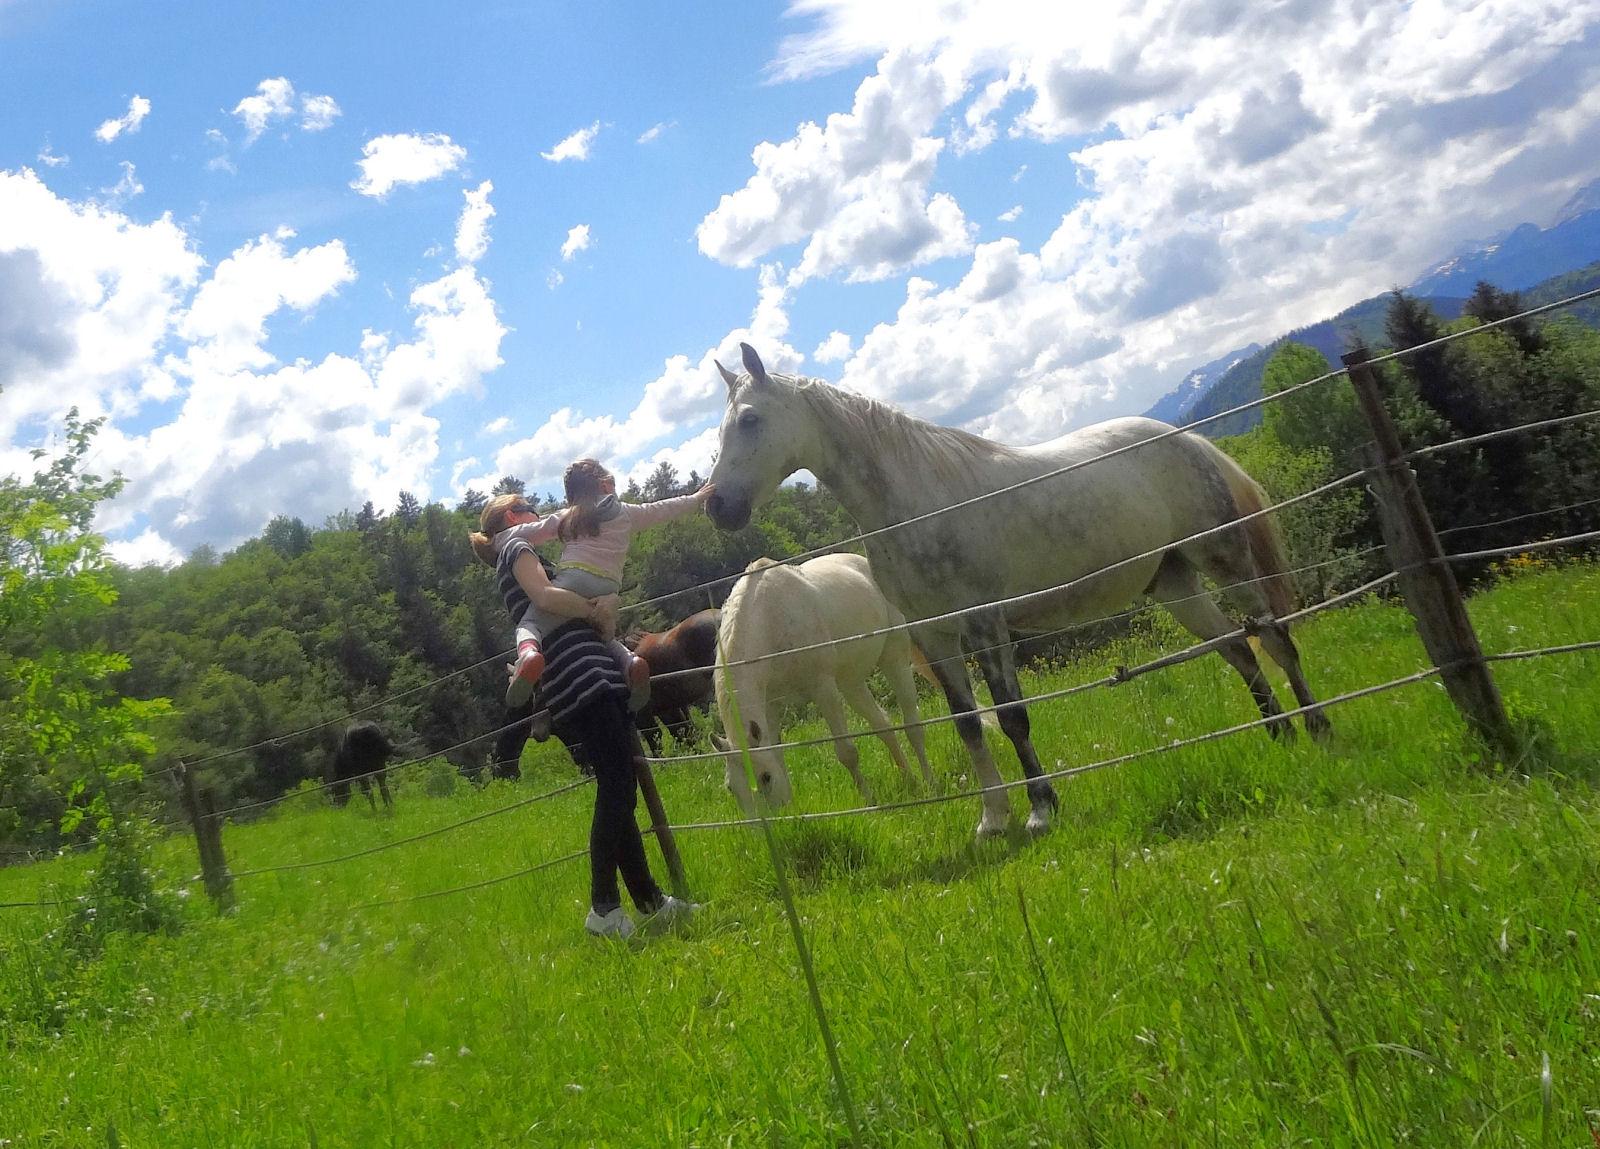 Narava, svež alpski zrak, pašniki in konji v okolici Fine Stay apartmaja na Gorenjskem